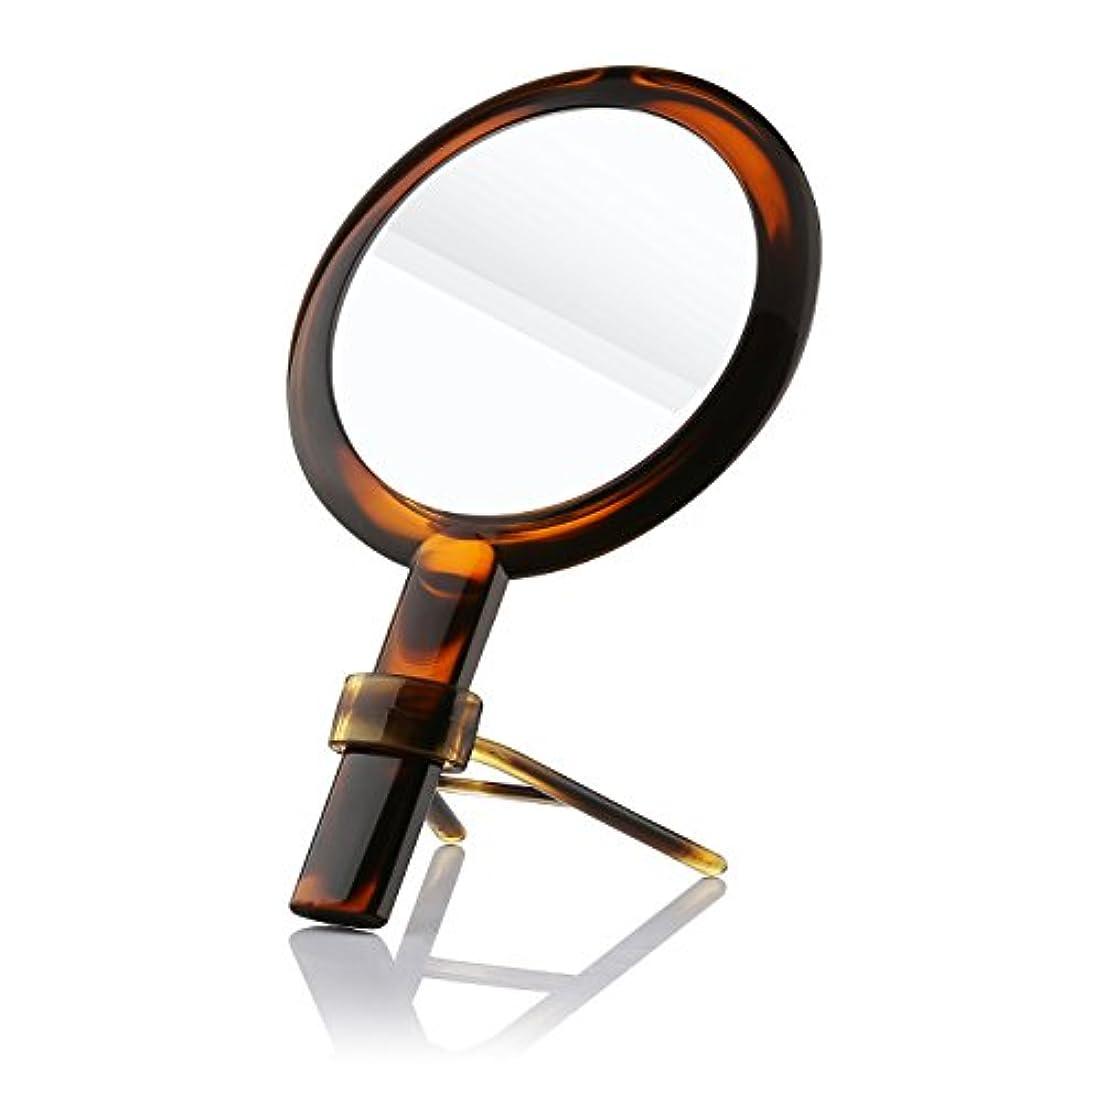 融合隣人事前化粧ミラー Beautifive 化粧鏡 メイクミラー 等倍卓上両面鏡 7倍拡大スタンドミラー 手鏡 光学レズン高解像度